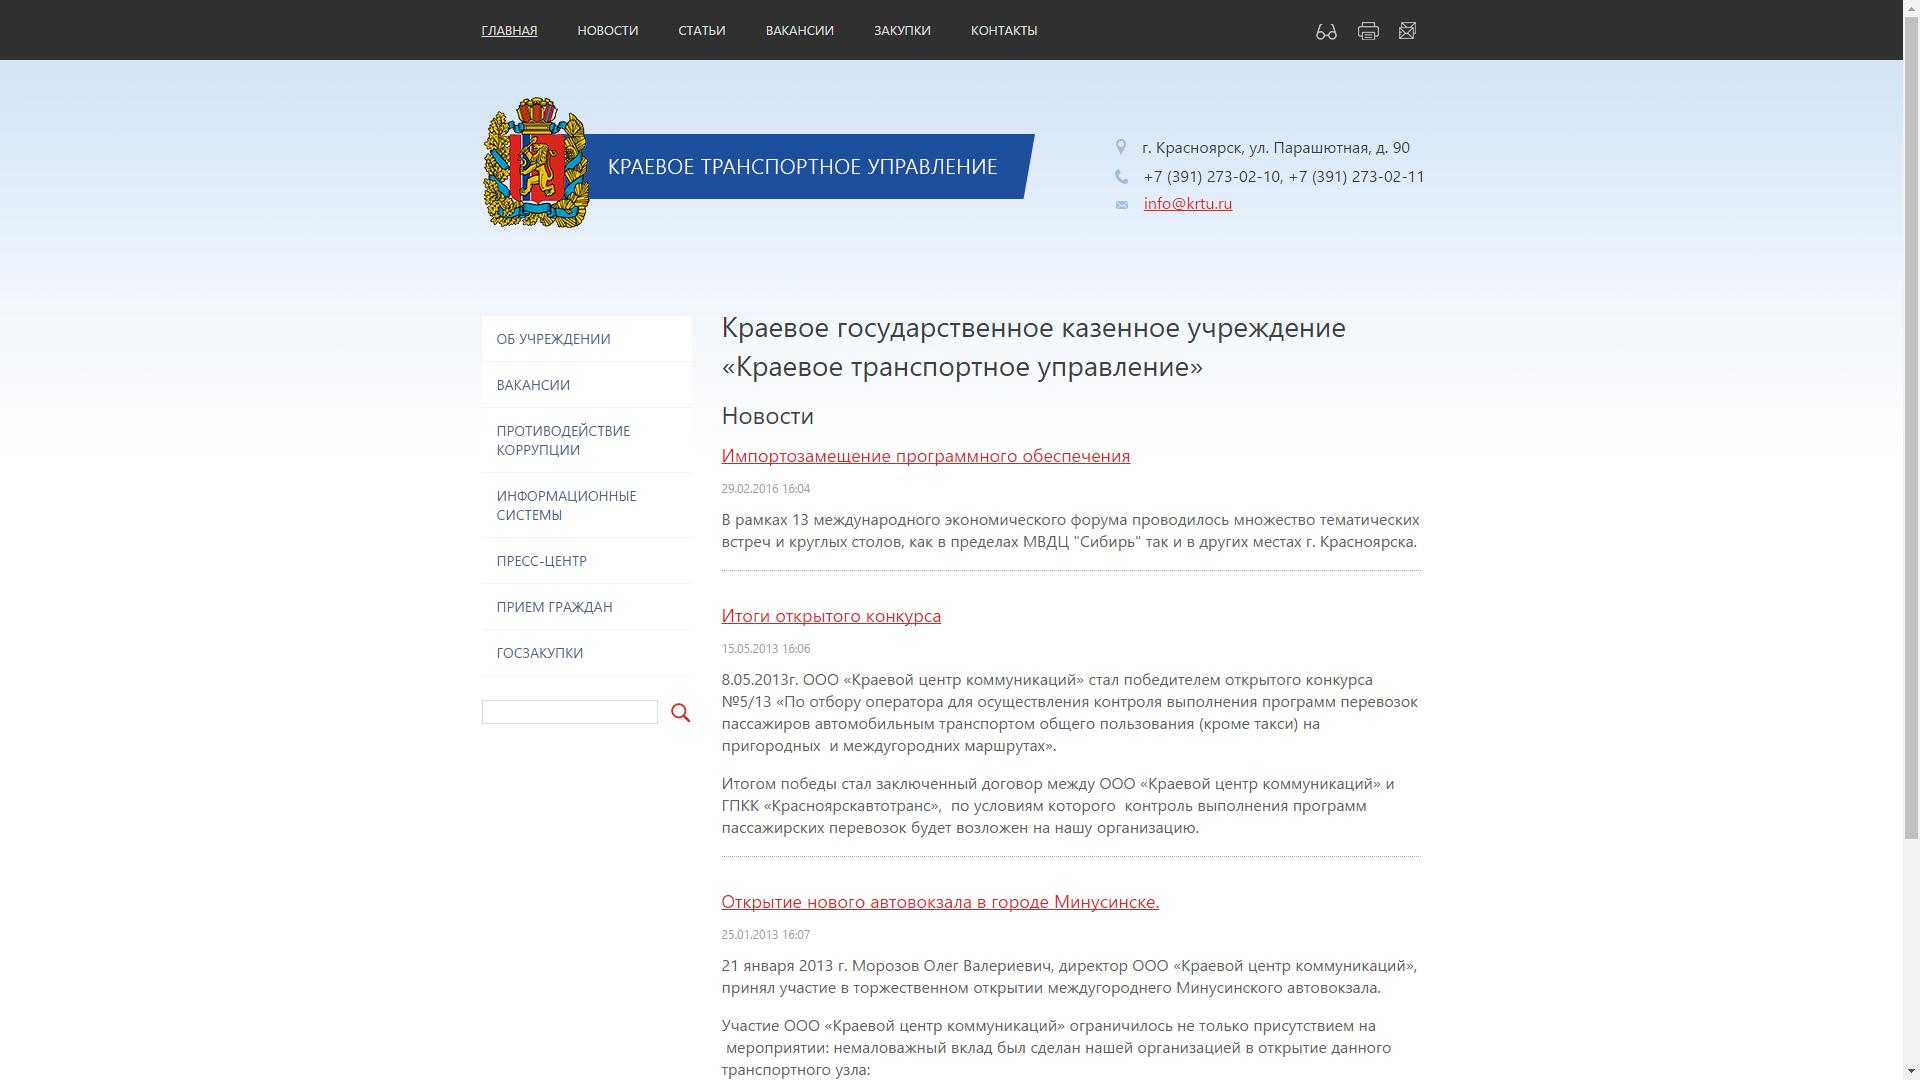 Разработка сайта для краевого государственного учреждения